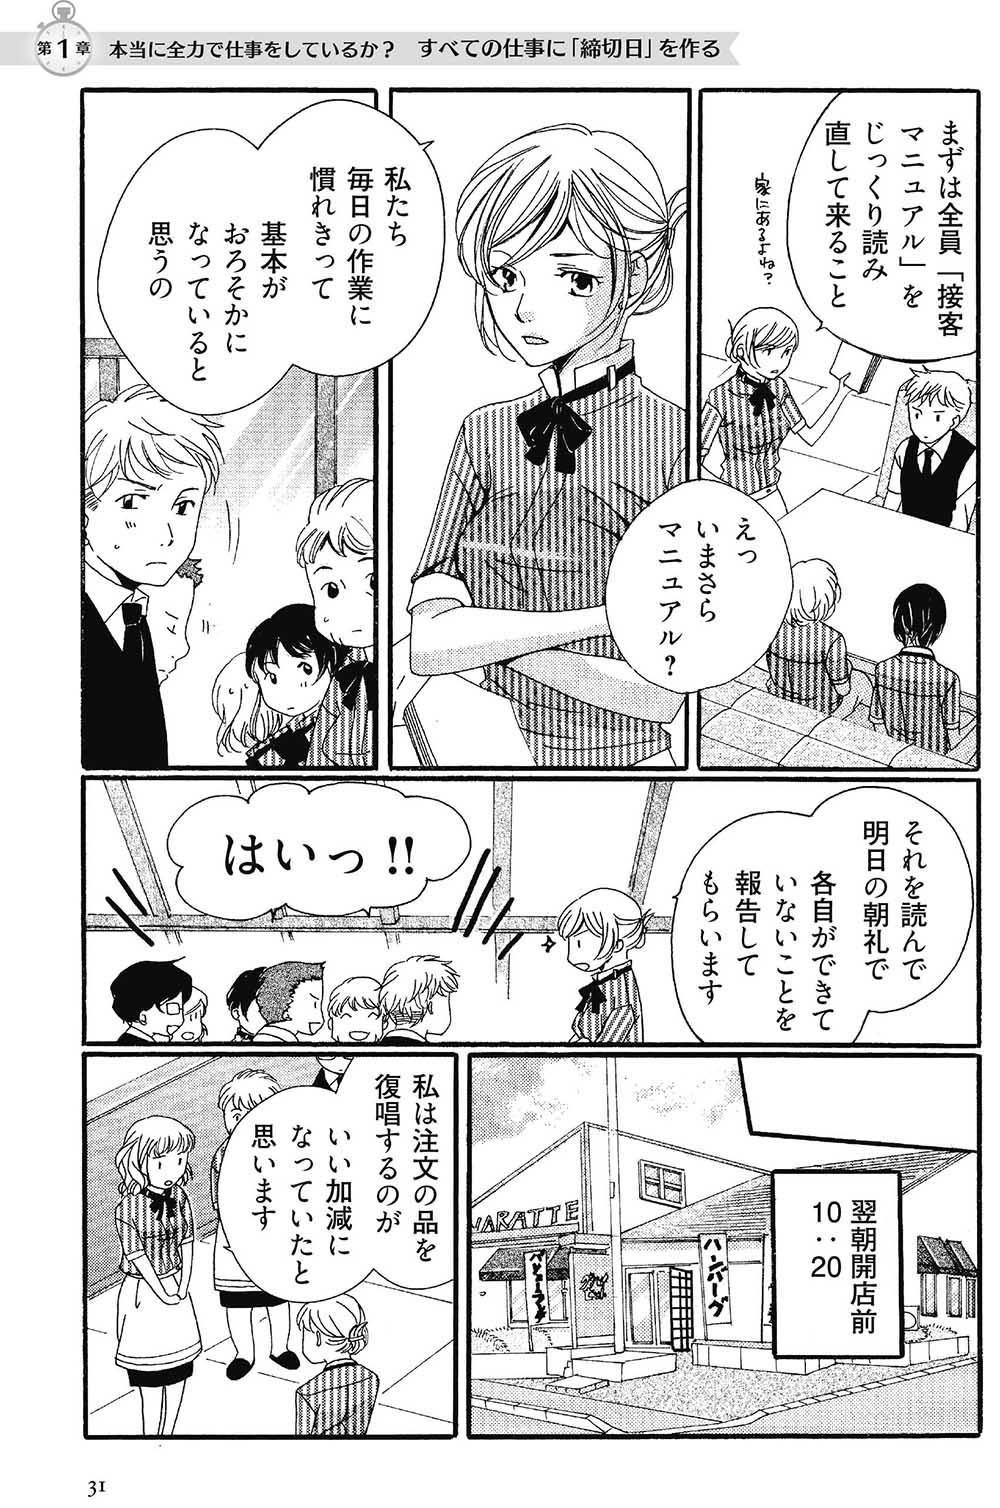 マンガで伝授 デッドライン仕事術001-095.pdf-31.jpg